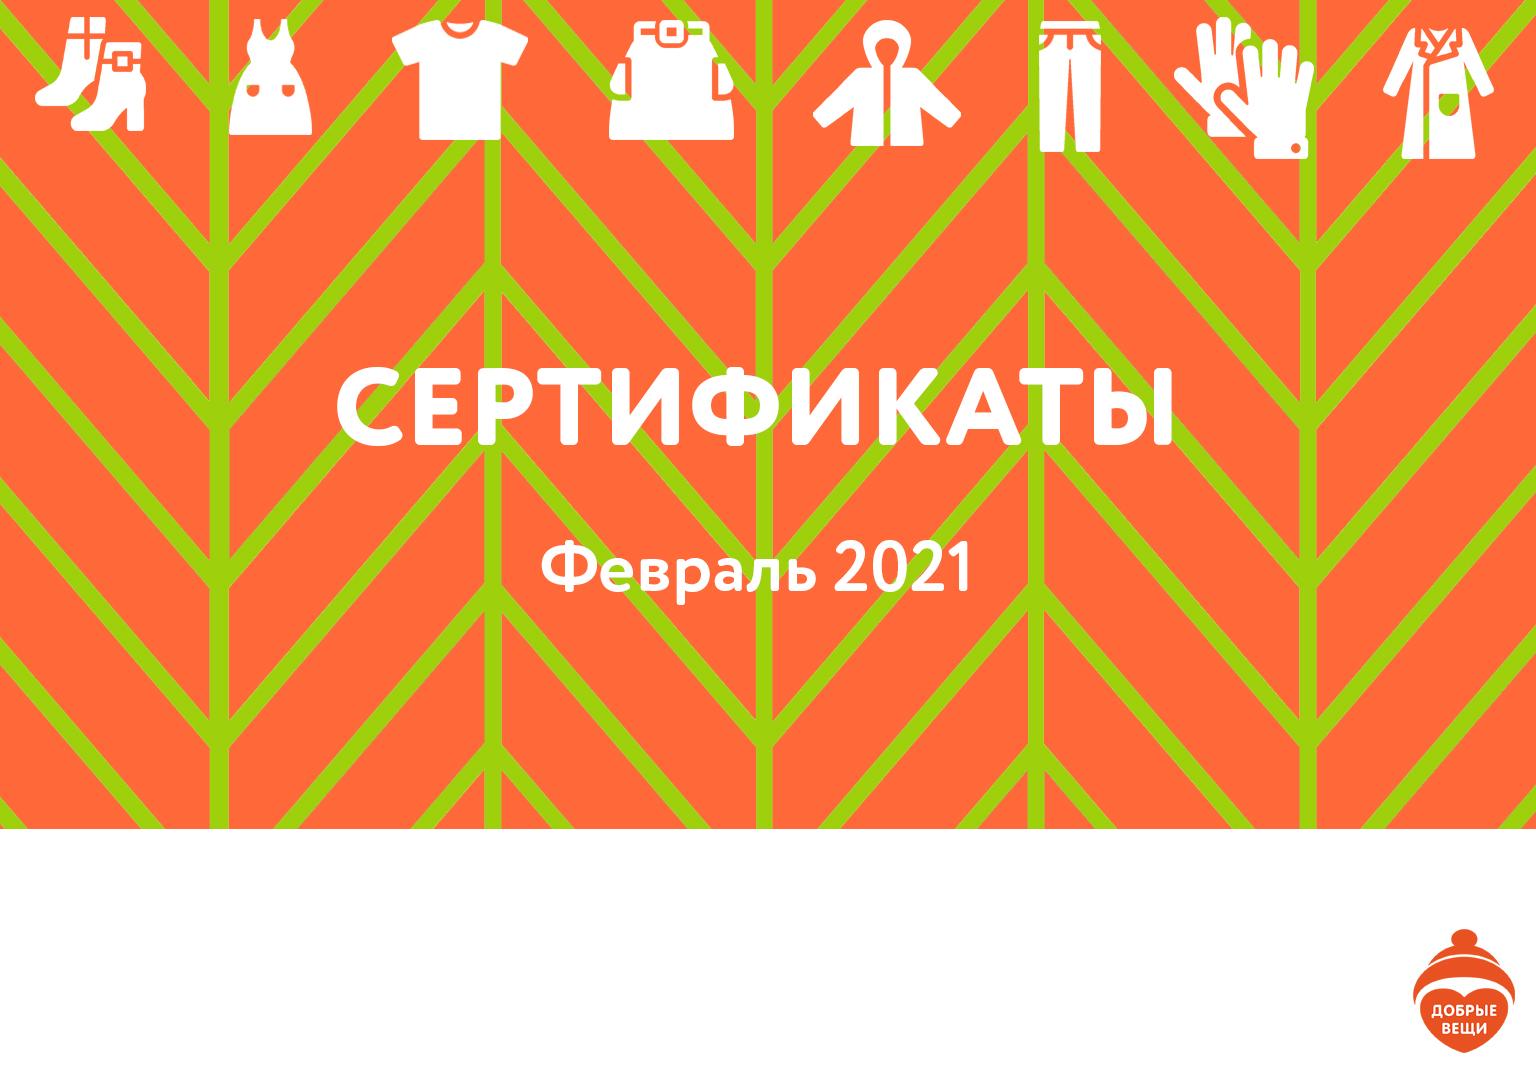 Отчет по выданным вещам в феврале 2021 года